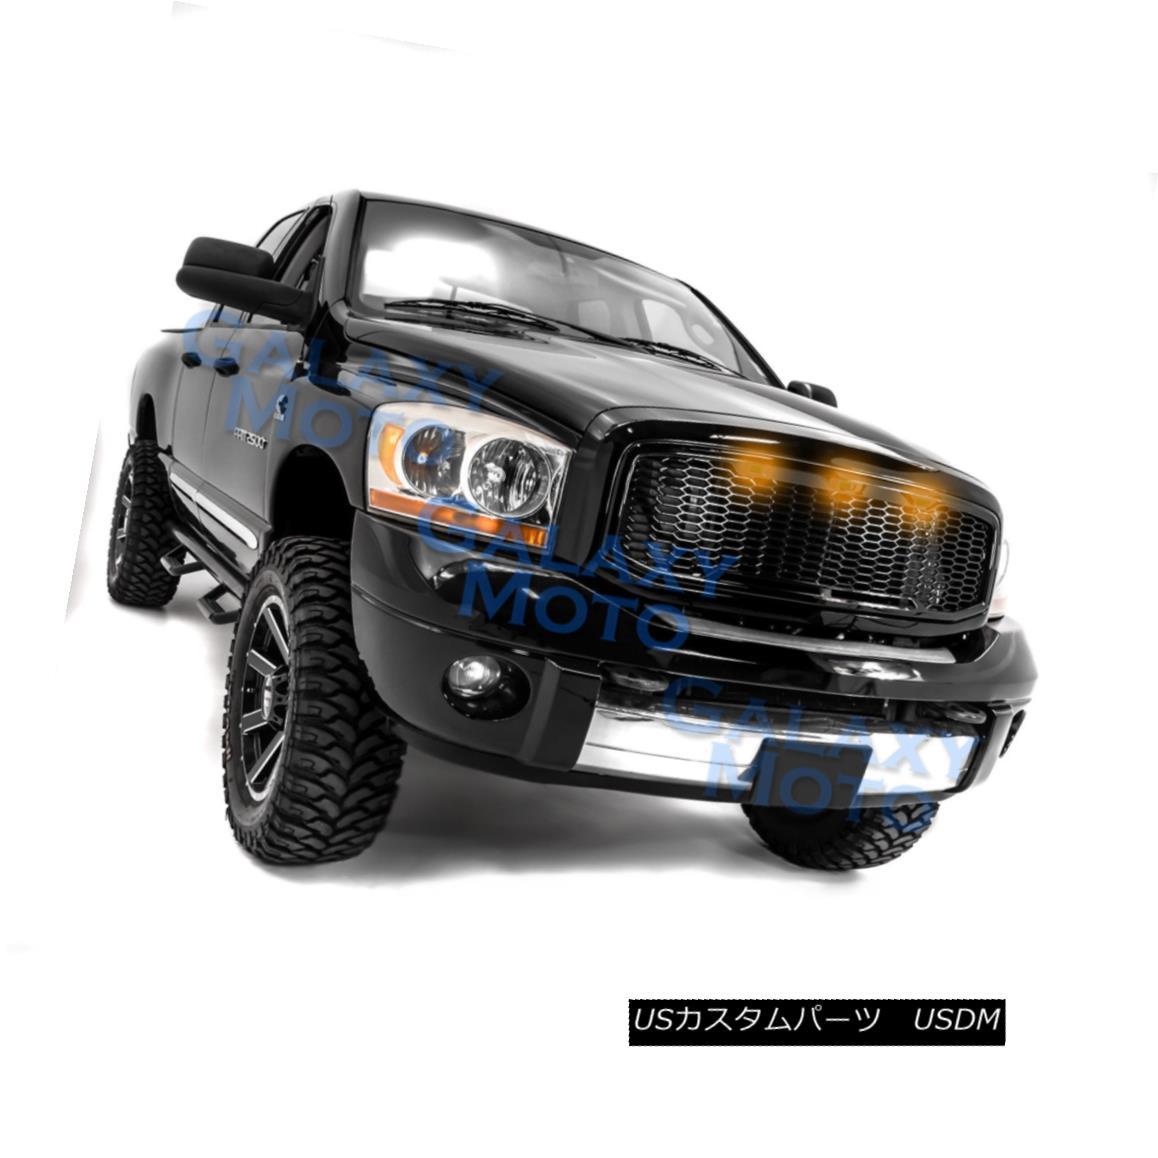 グリル 06-09 Dodge RAM Raptor Style Gloss Black Replacement Mesh Grille+Shell+Amber LED 06-09ダッジRAMラプタースタイルグロスブラック交換メッシュグリル+シェル+ A mber LED